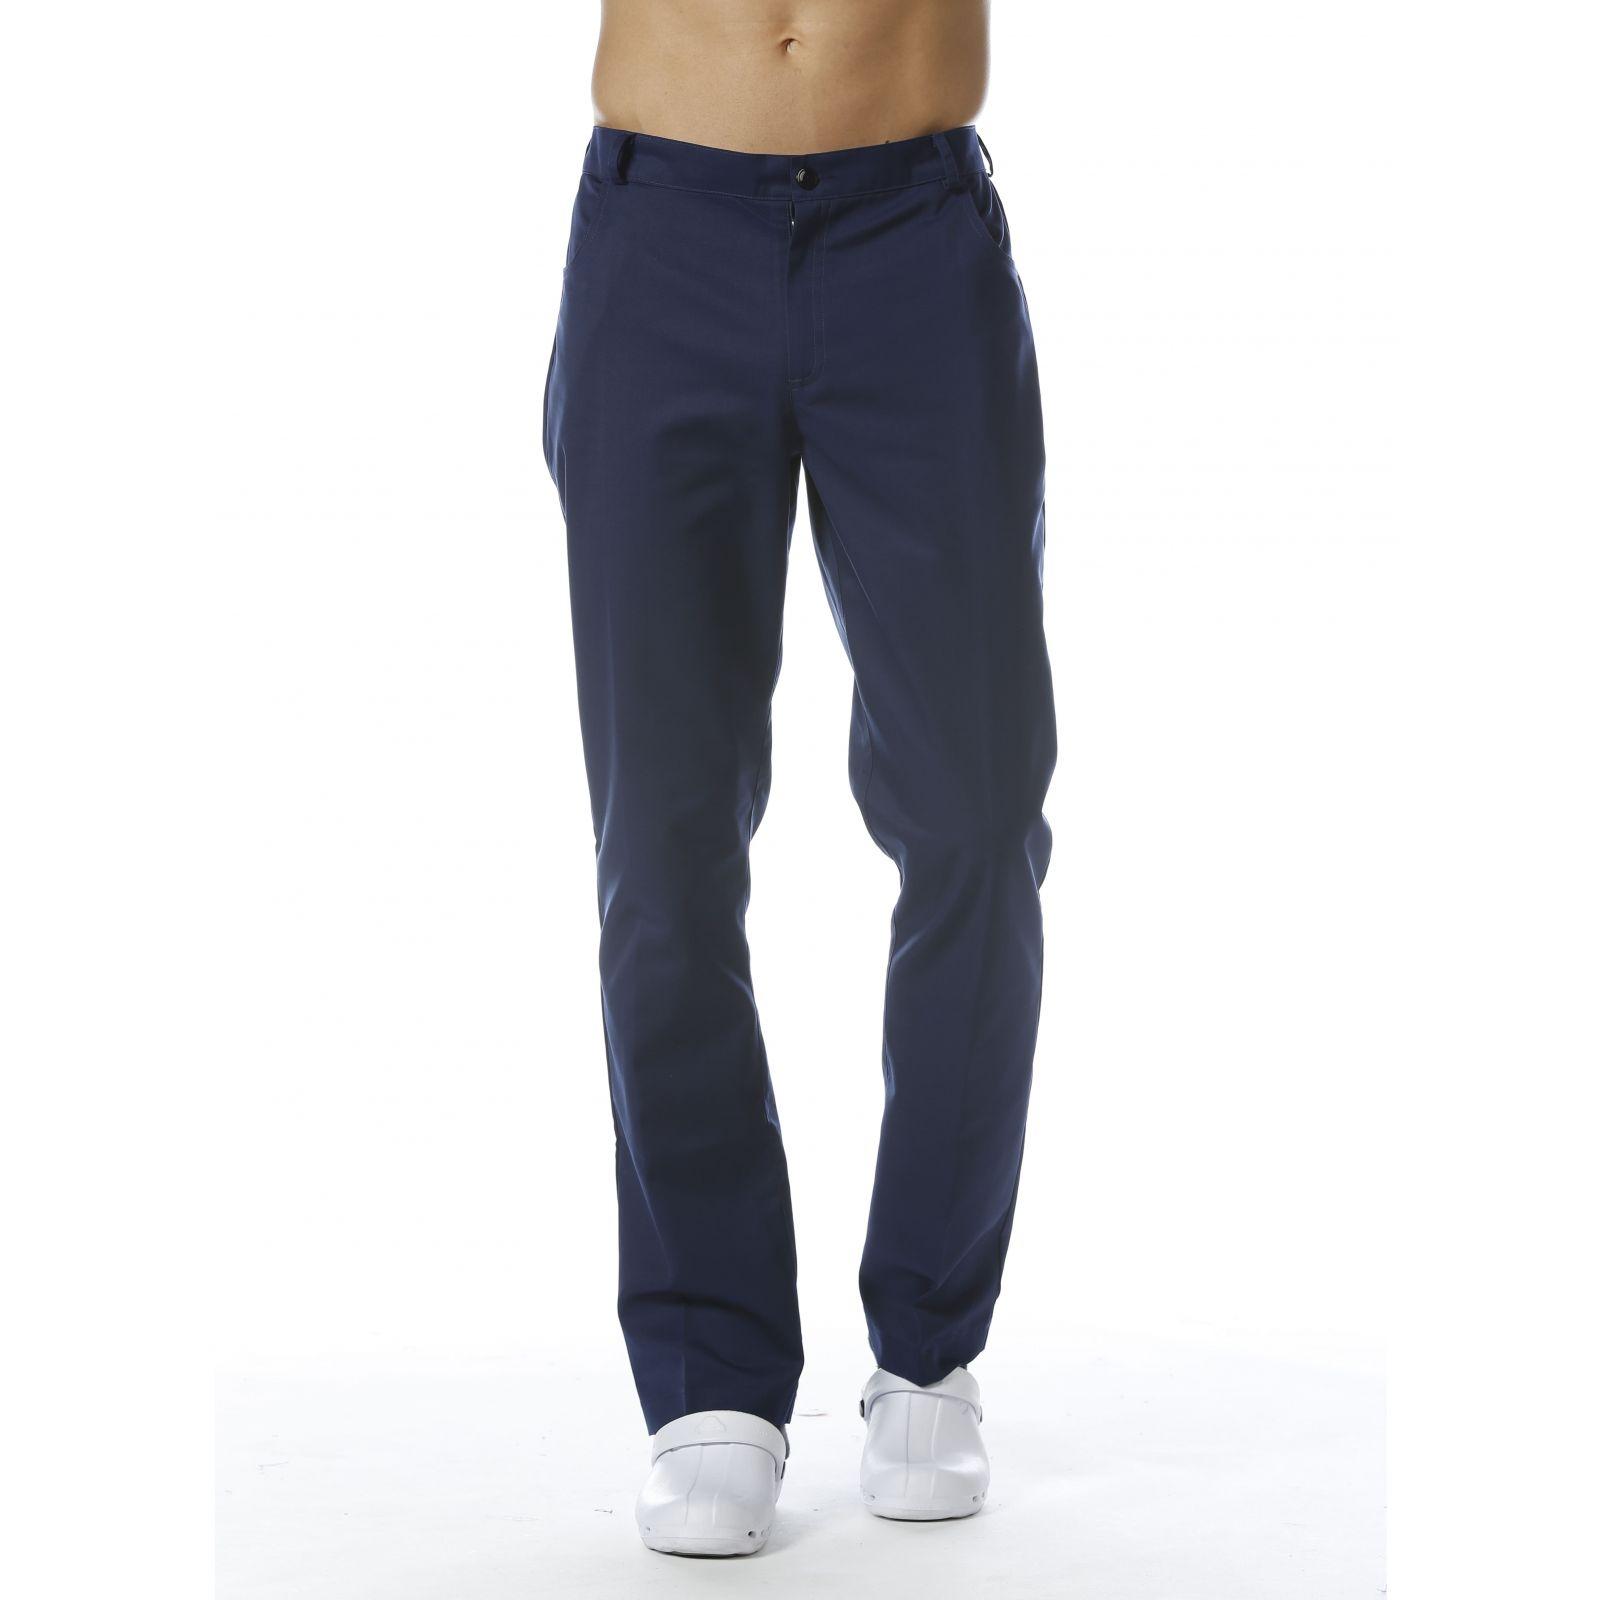 Pantalon  Médical Homme Sweety, couleur Bleu de Chine, vue de face, Camille Lavandie (281)